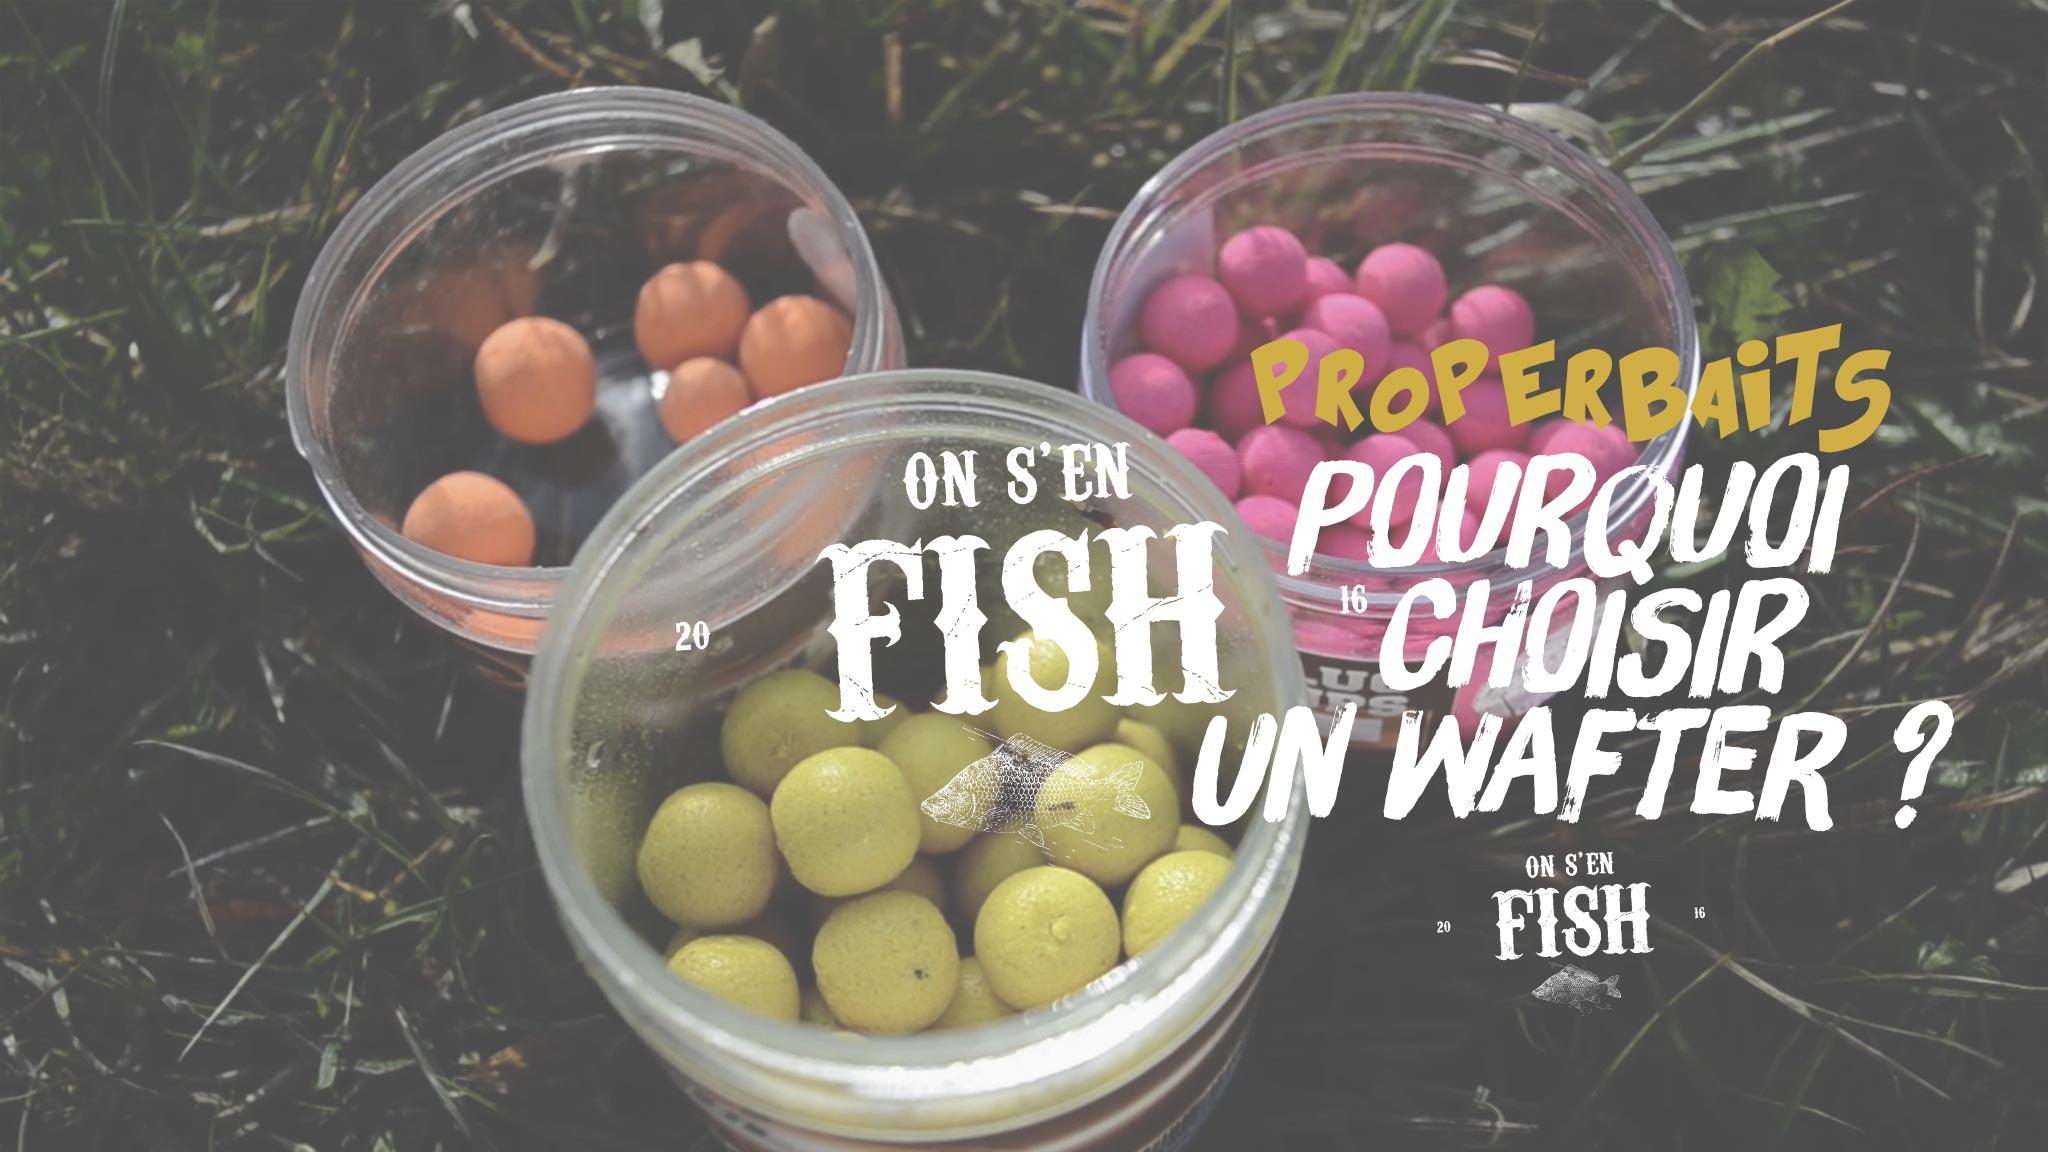 on-s-en-fish-header-PROPERBATS-2-wafter